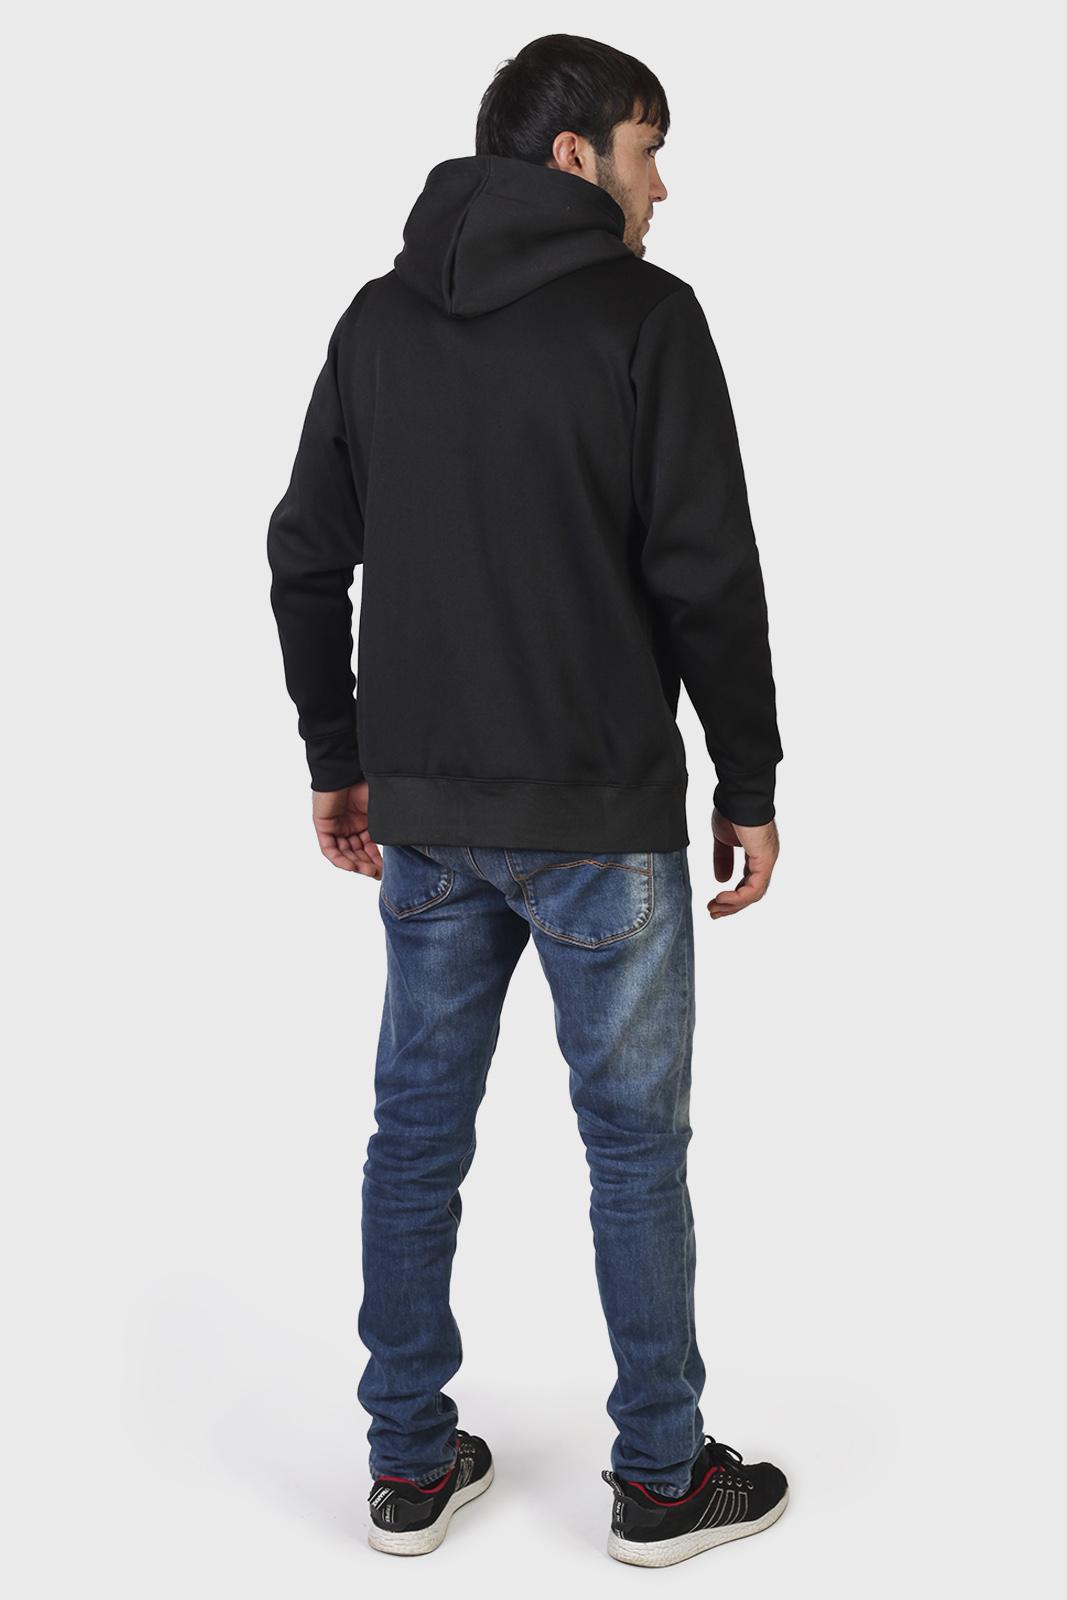 Мужская трикотажная толстовка черного цвета купить оптом